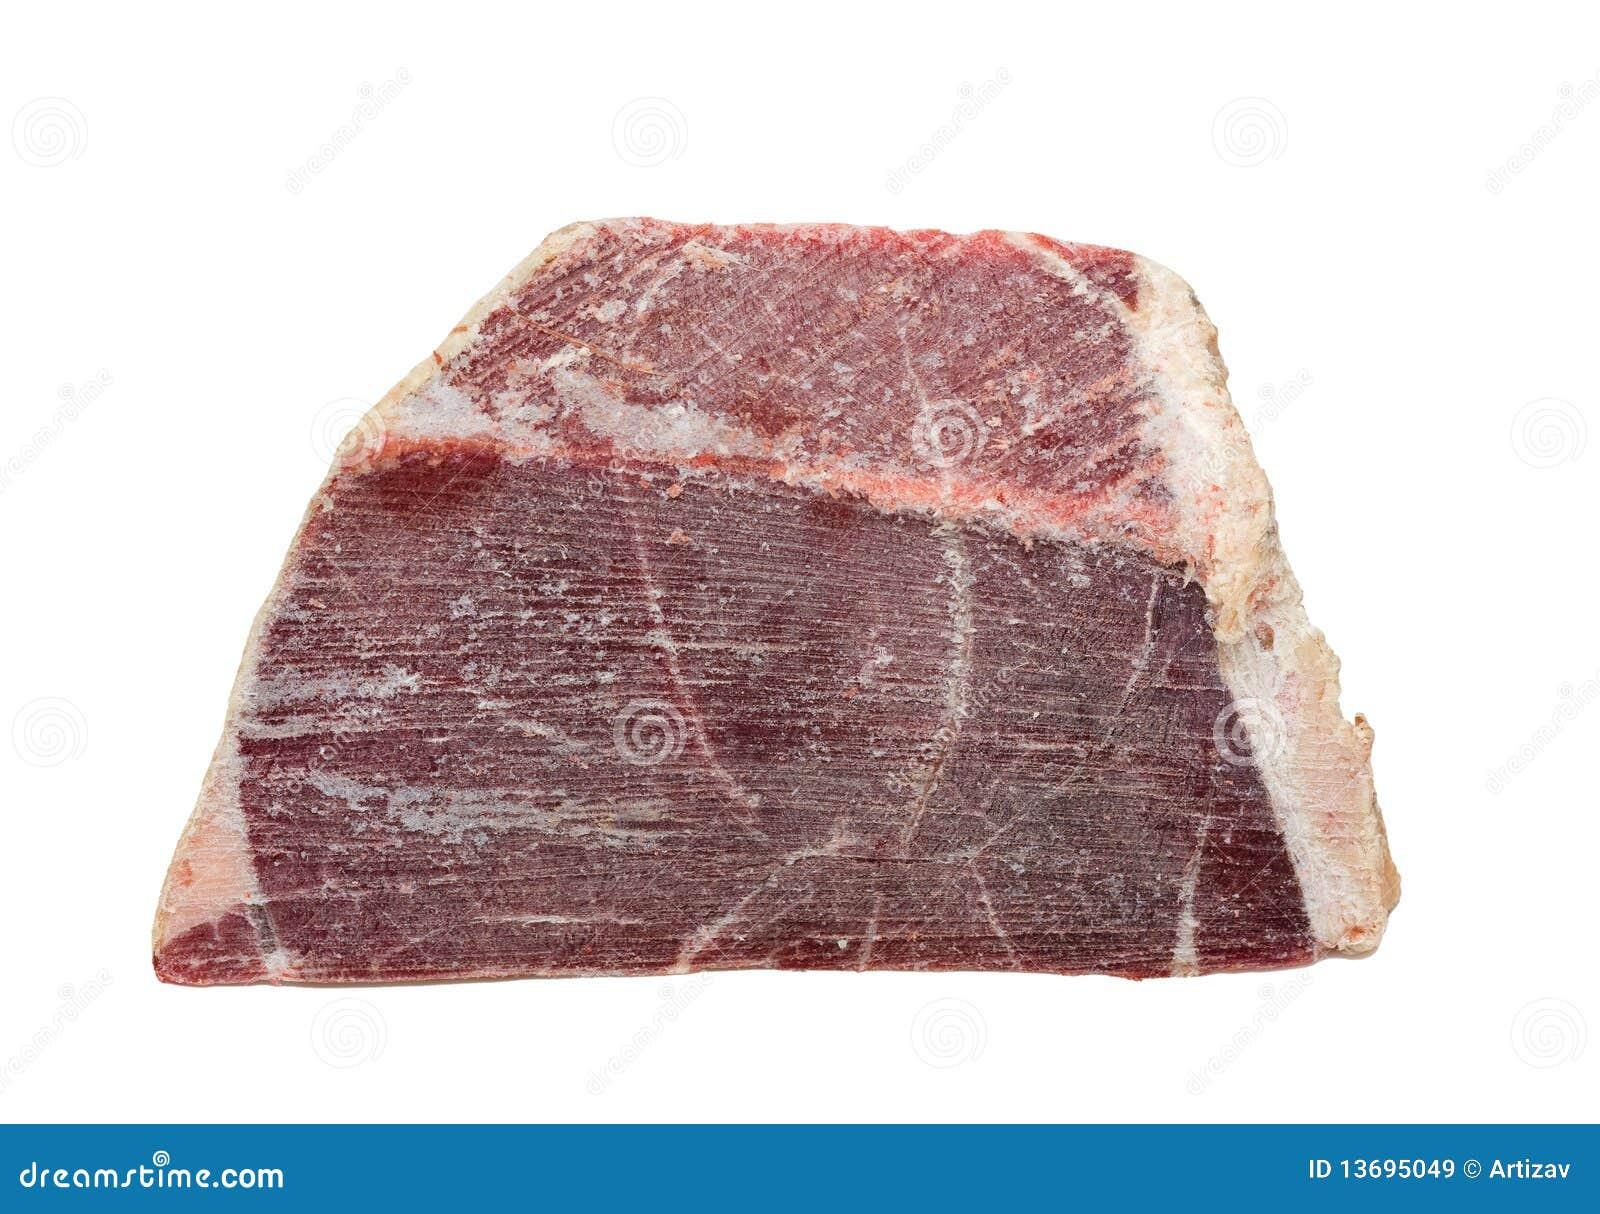 how to cook frozen roast beef